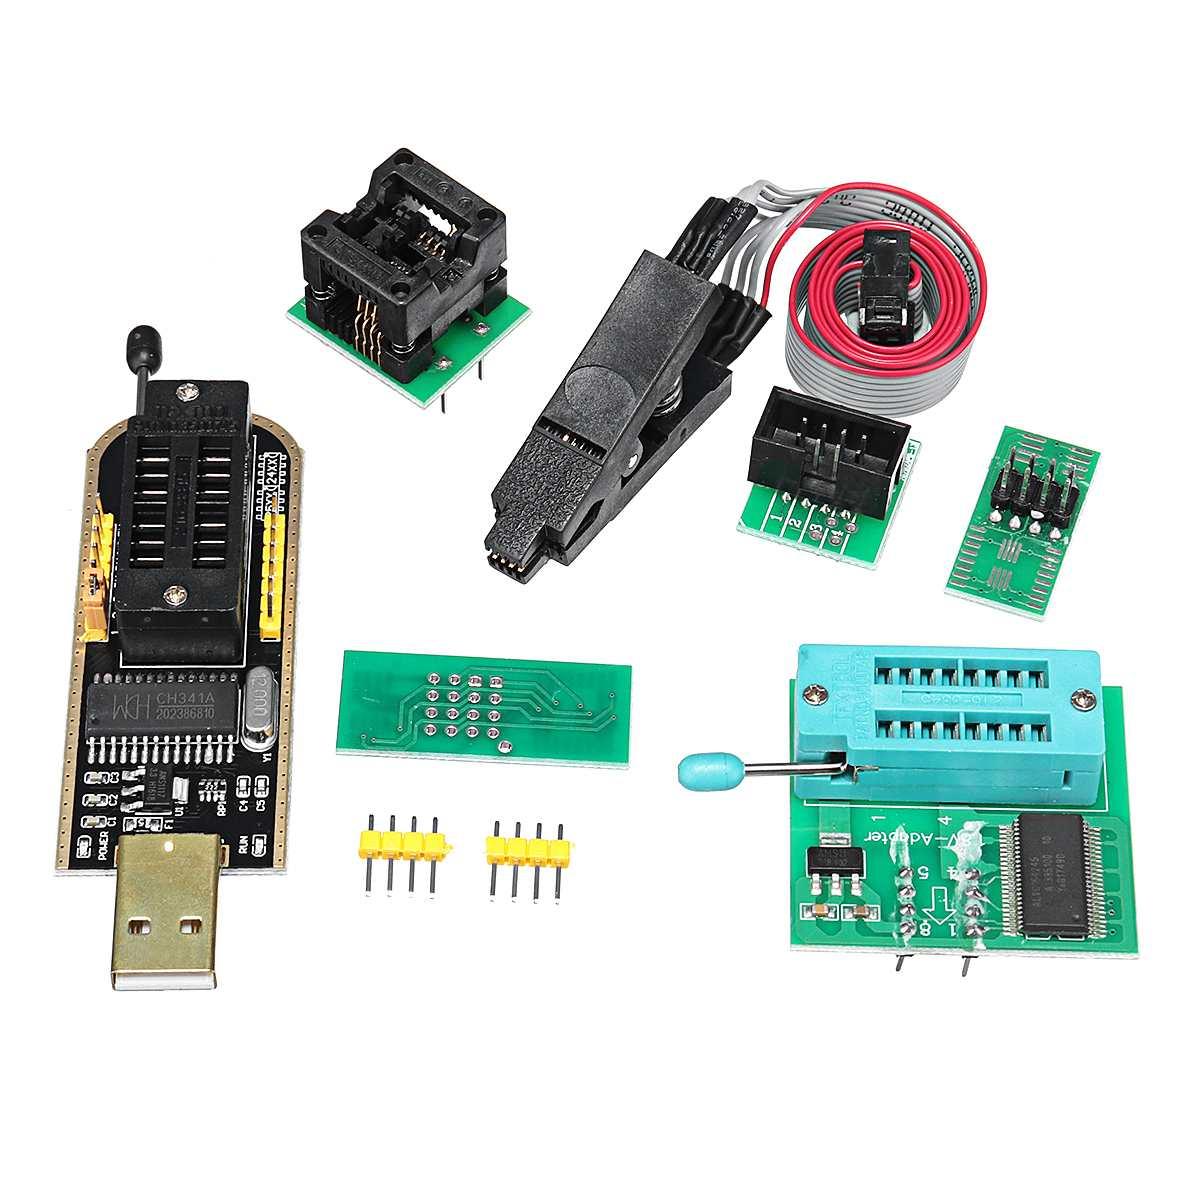 EEPROM Flash BIOS USB Programmer Module CH341A + SOIC8 Clip + 1.8V Adapter + SOIC8 AdapterEEPROM Flash BIOS USB Programmer Module CH341A + SOIC8 Clip + 1.8V Adapter + SOIC8 Adapter